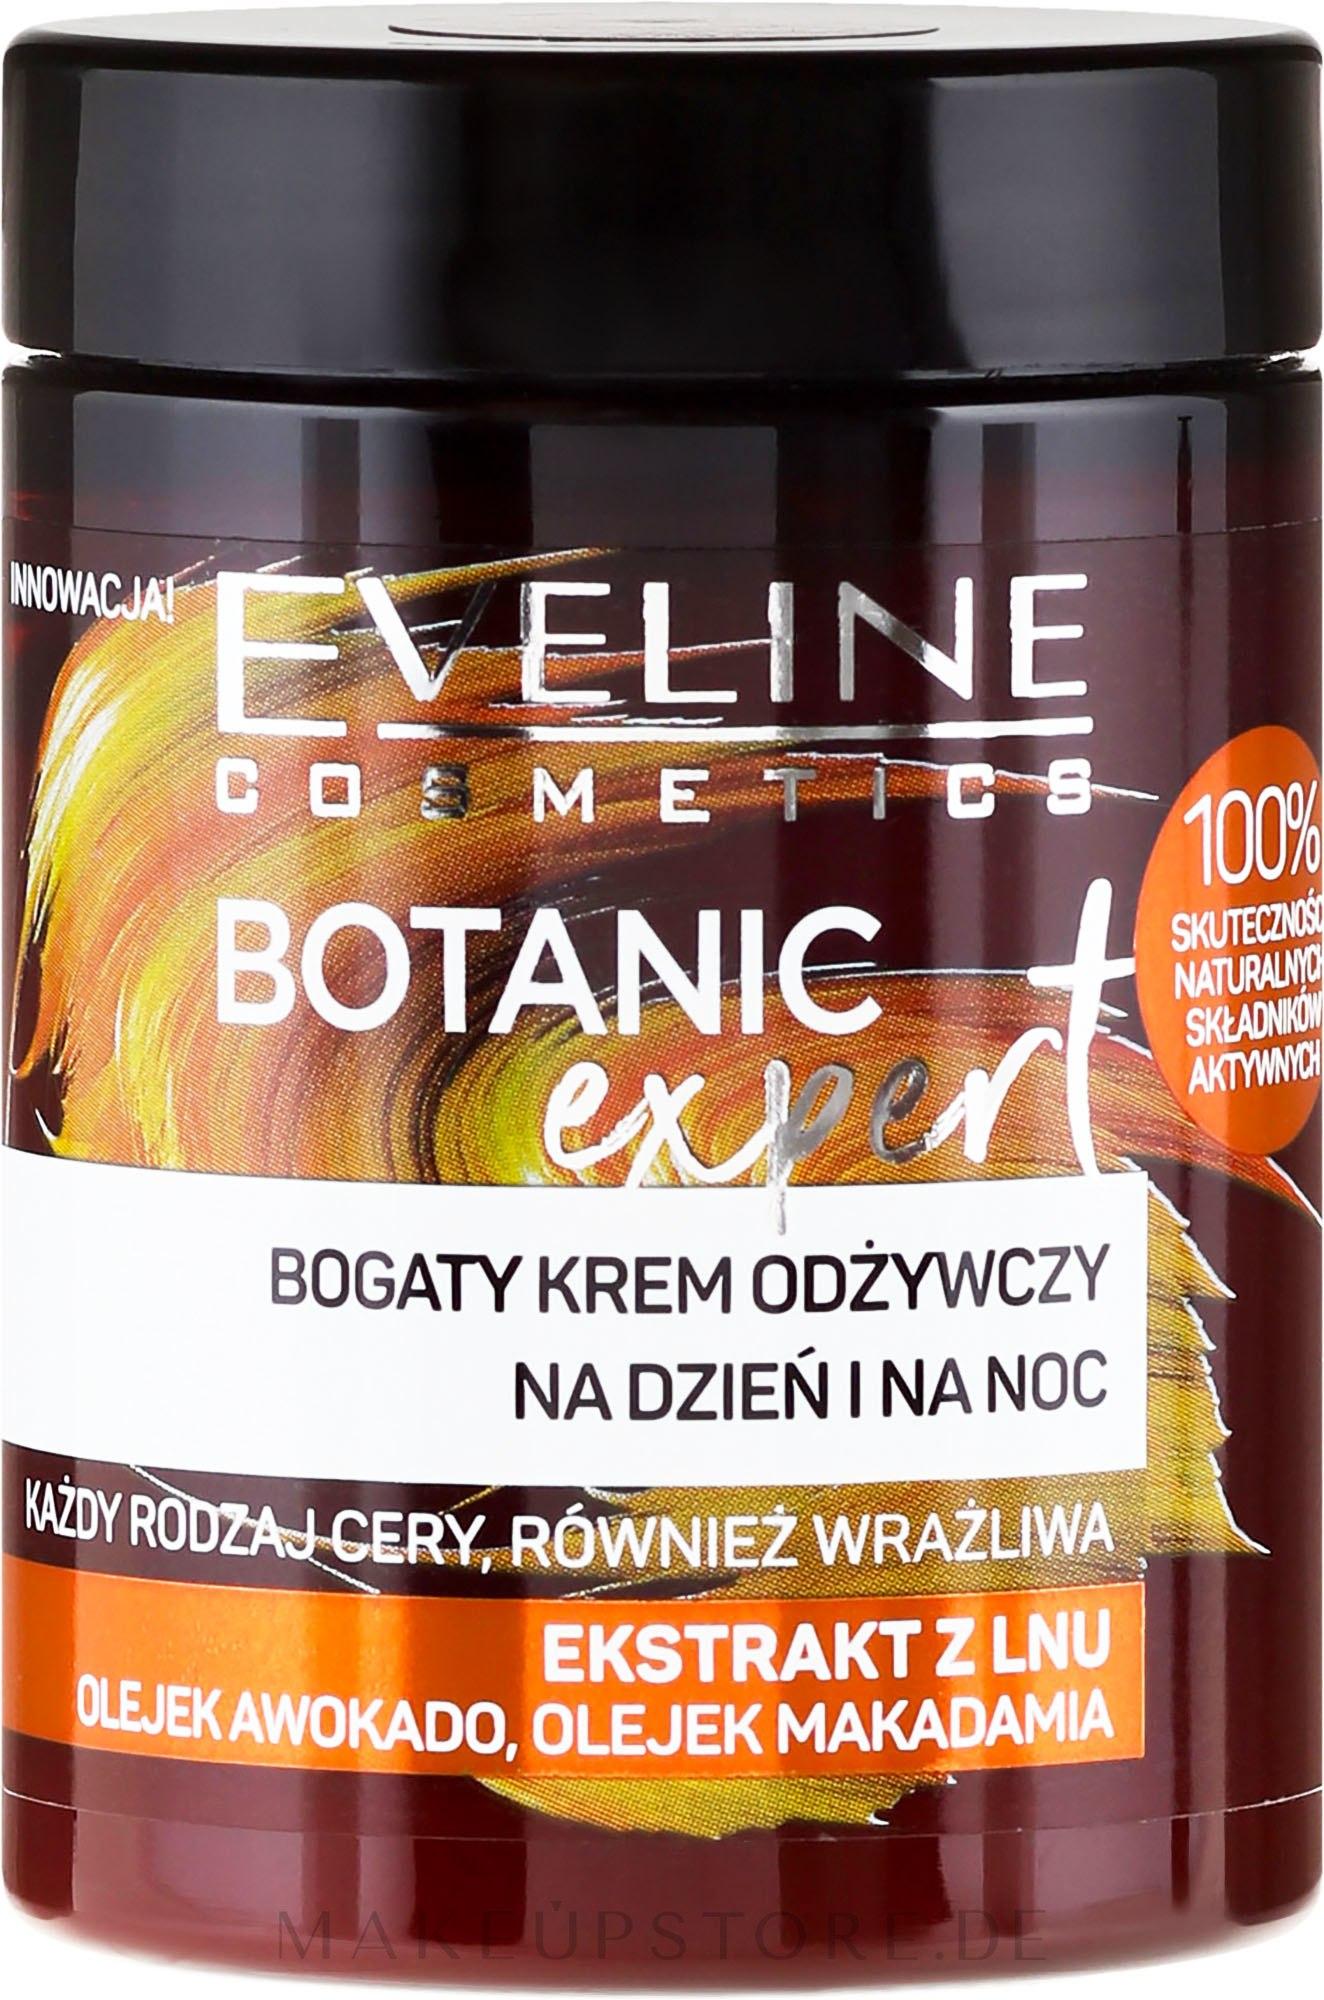 Reichhaltige und pflegende Tages- und Nachtcreme mit Flachs-Extrakt, Avocado- und Macadamiaöl - Eveline Cosmetics Botanic Expert Len Day & Night Cream — Bild 100 ml